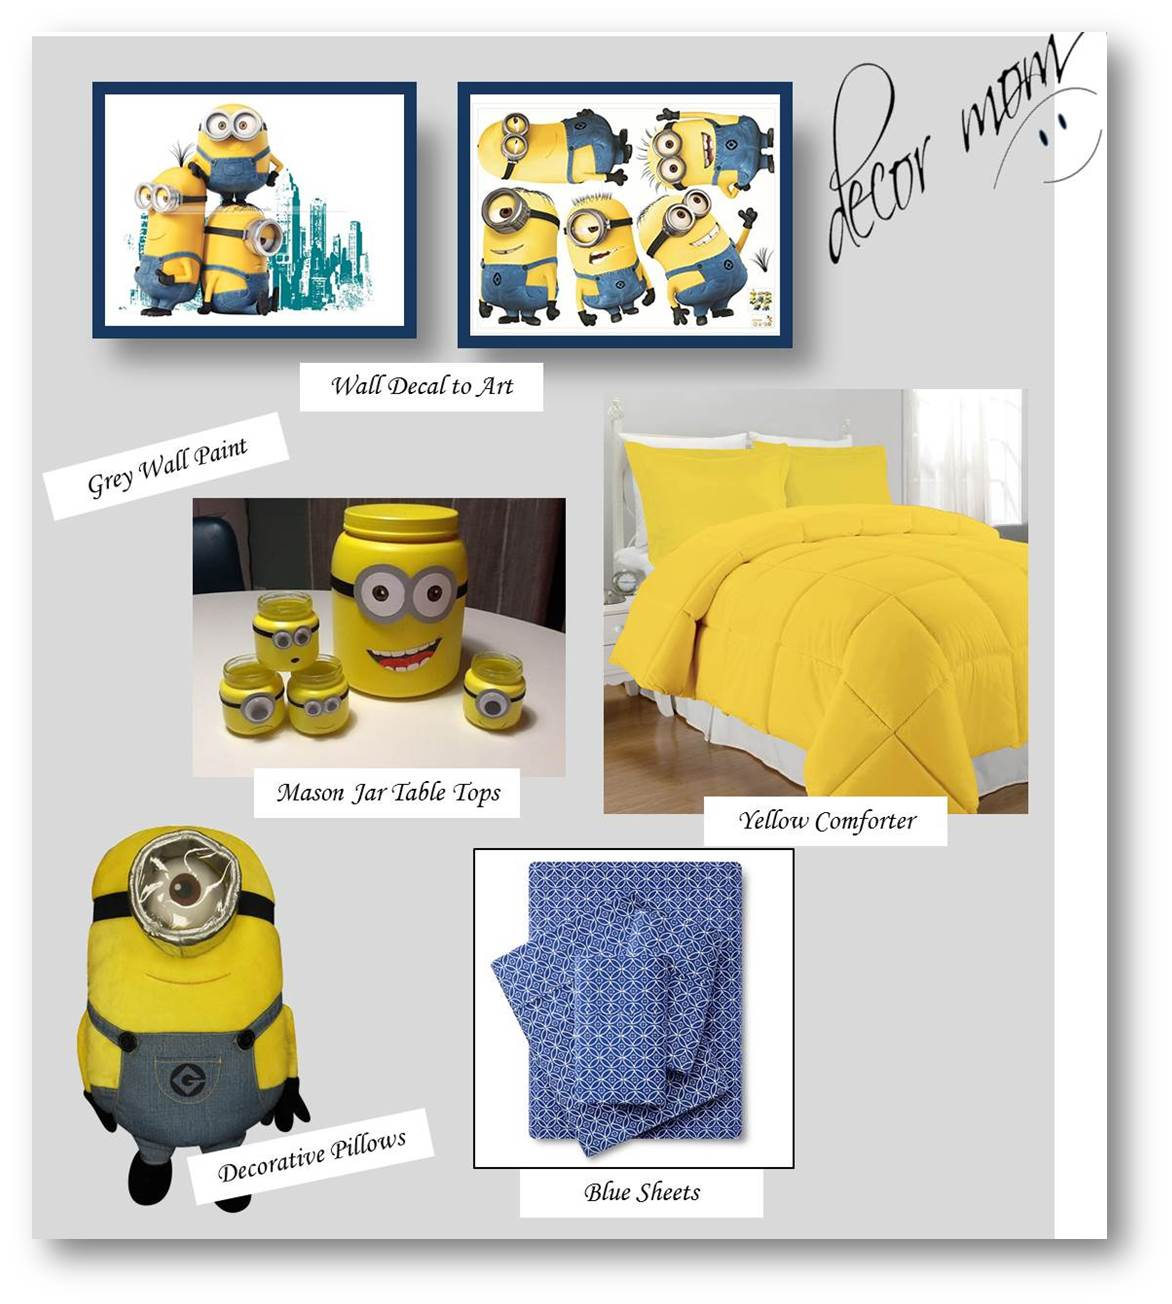 Minion Room Decor - Vision Board 2